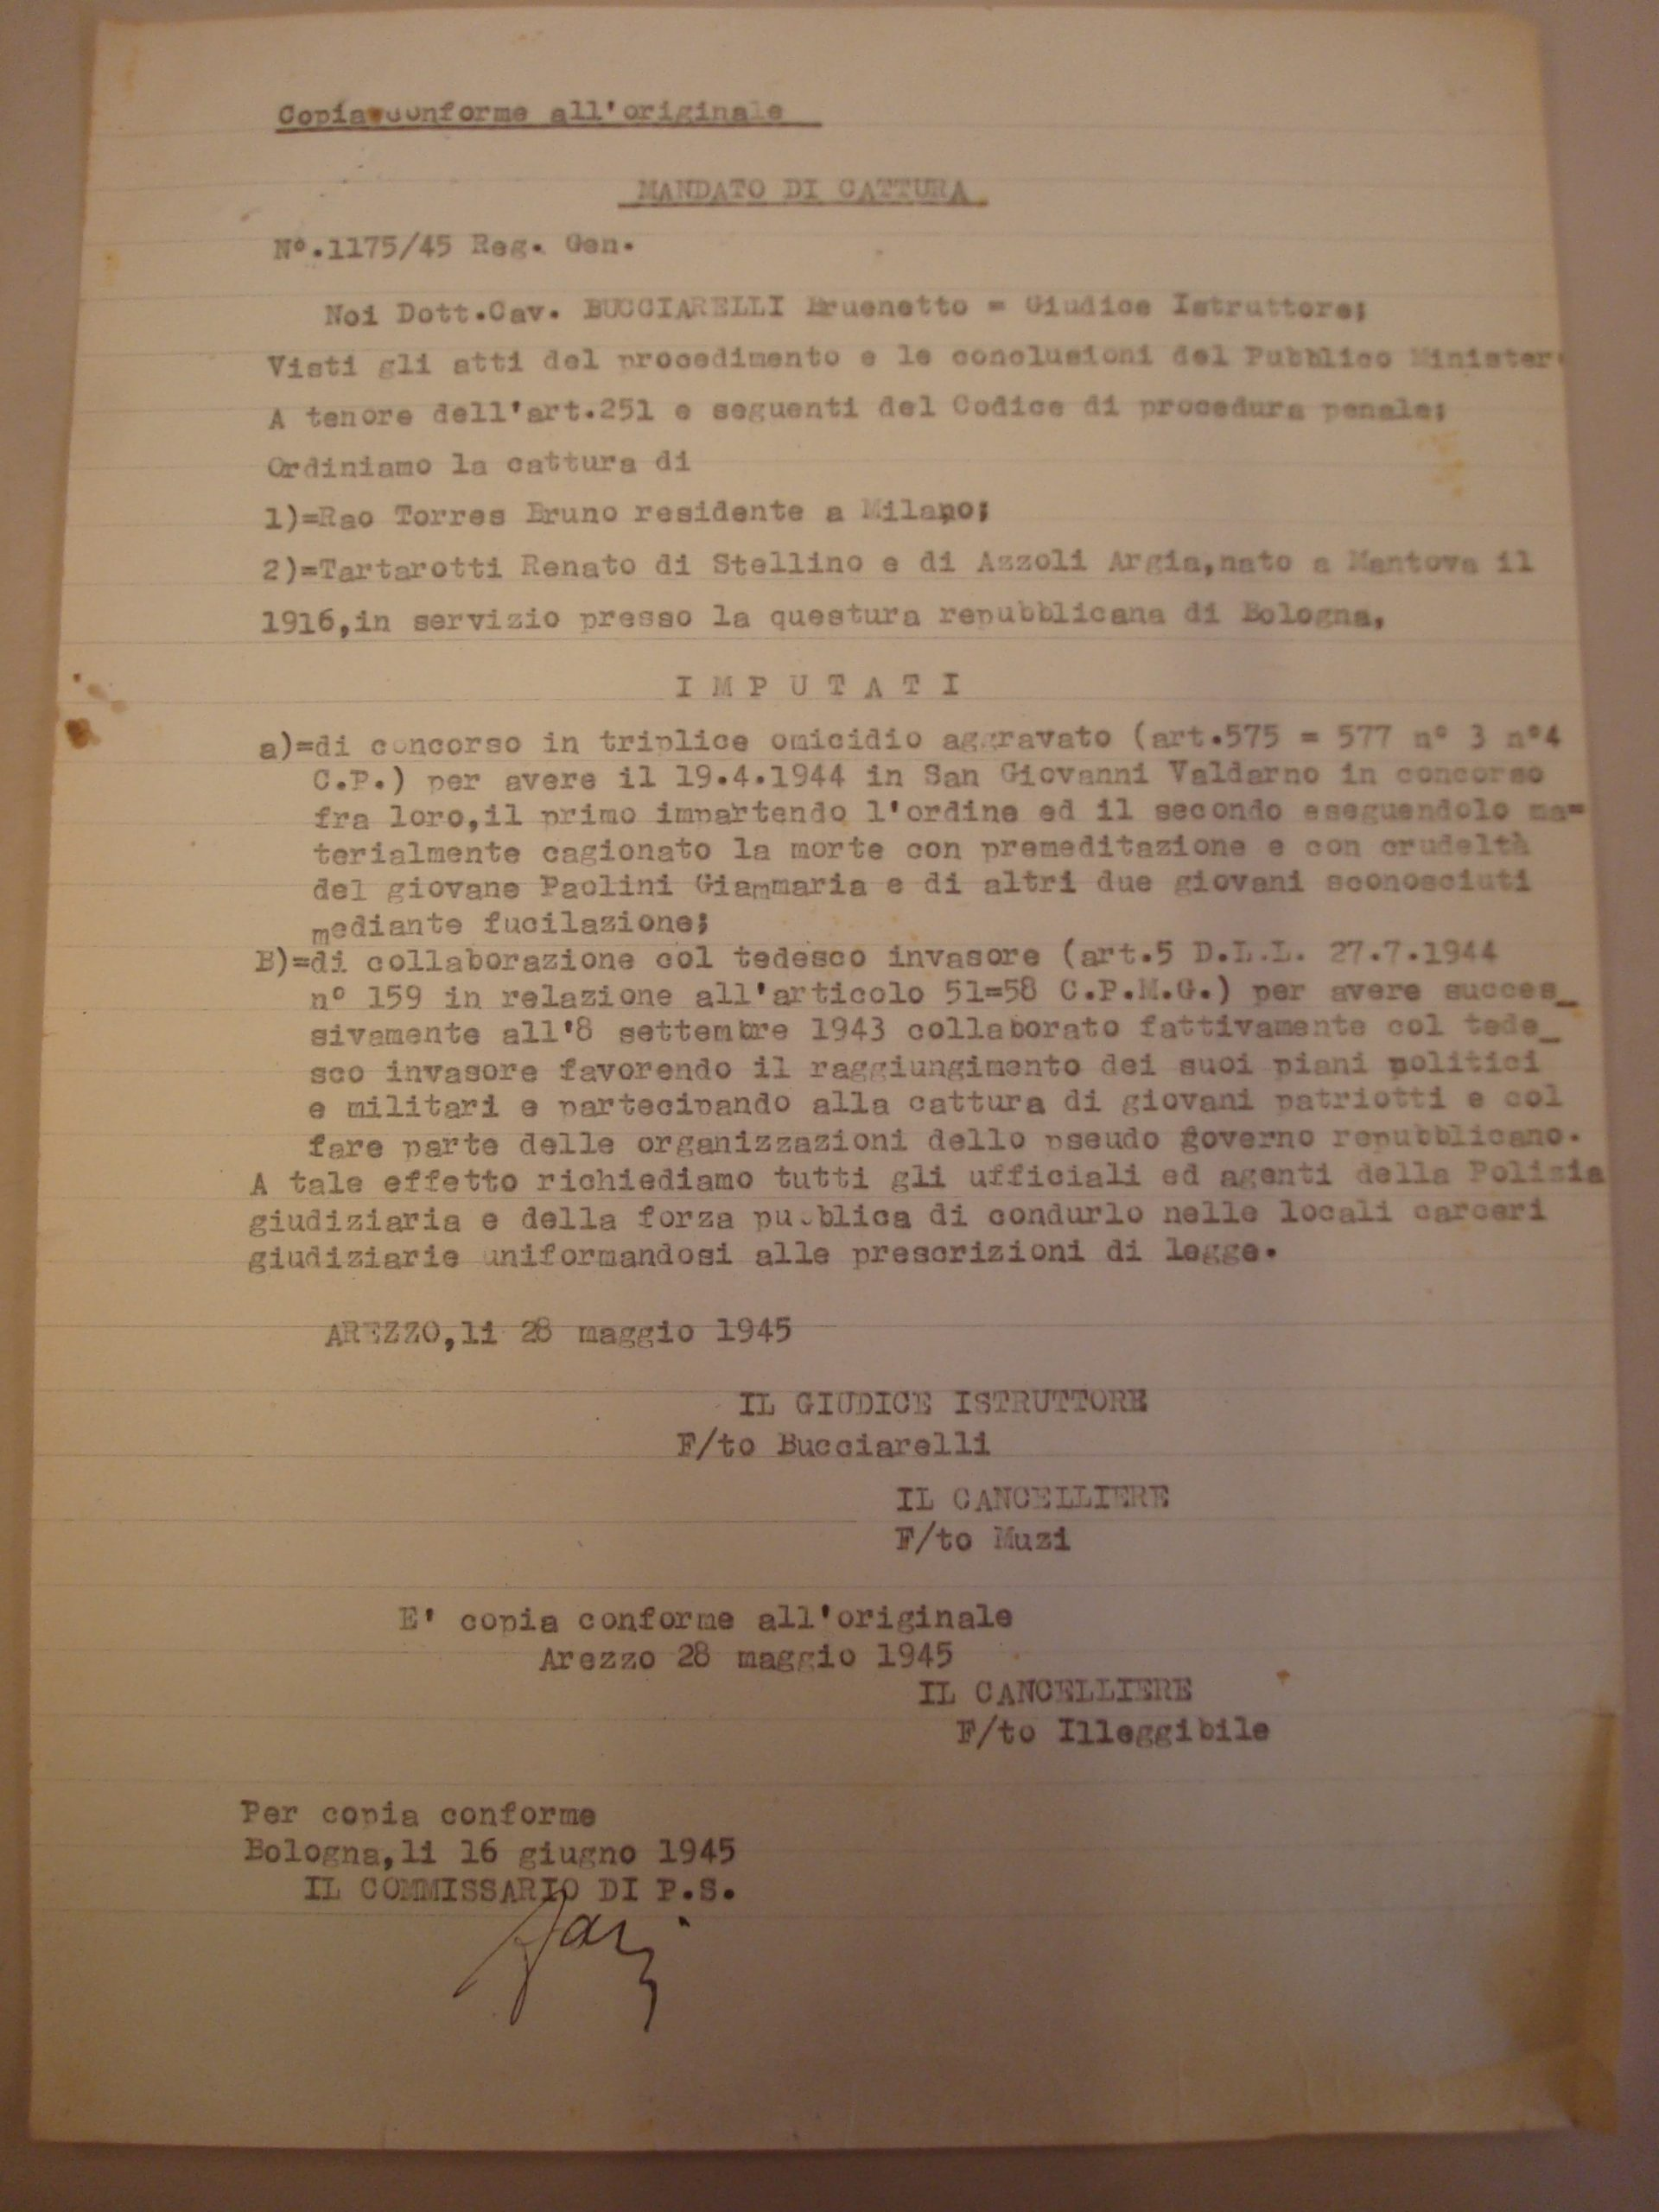 Il mandato di cattura per Renato Tartarotti – Archivio di stato, Fascicolo Tartarotti.